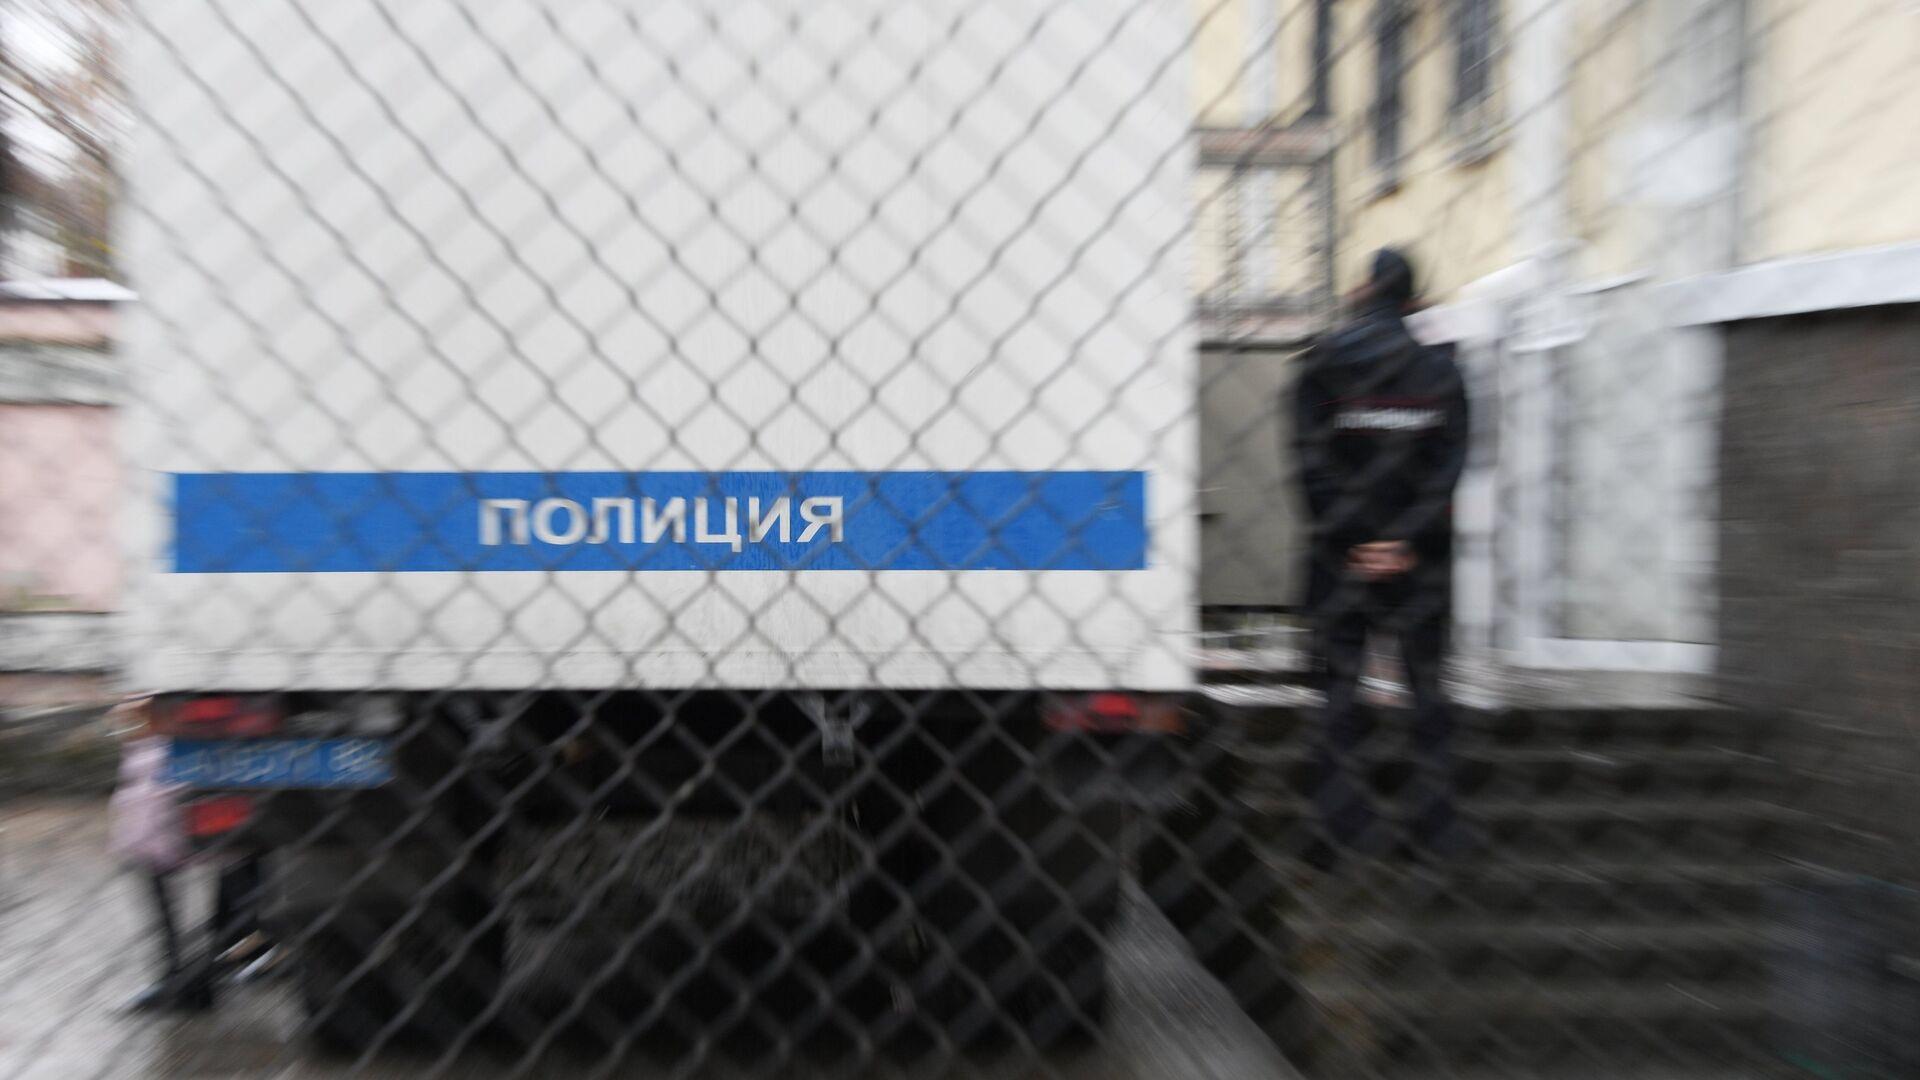 Полицейский автозак у Киевского районного суда Симферополя, где будет рассмотрен вопрос о мере пресечения для украинских моряков с трех кораблей ВМС Украины - РИА Новости, 1920, 16.04.2021